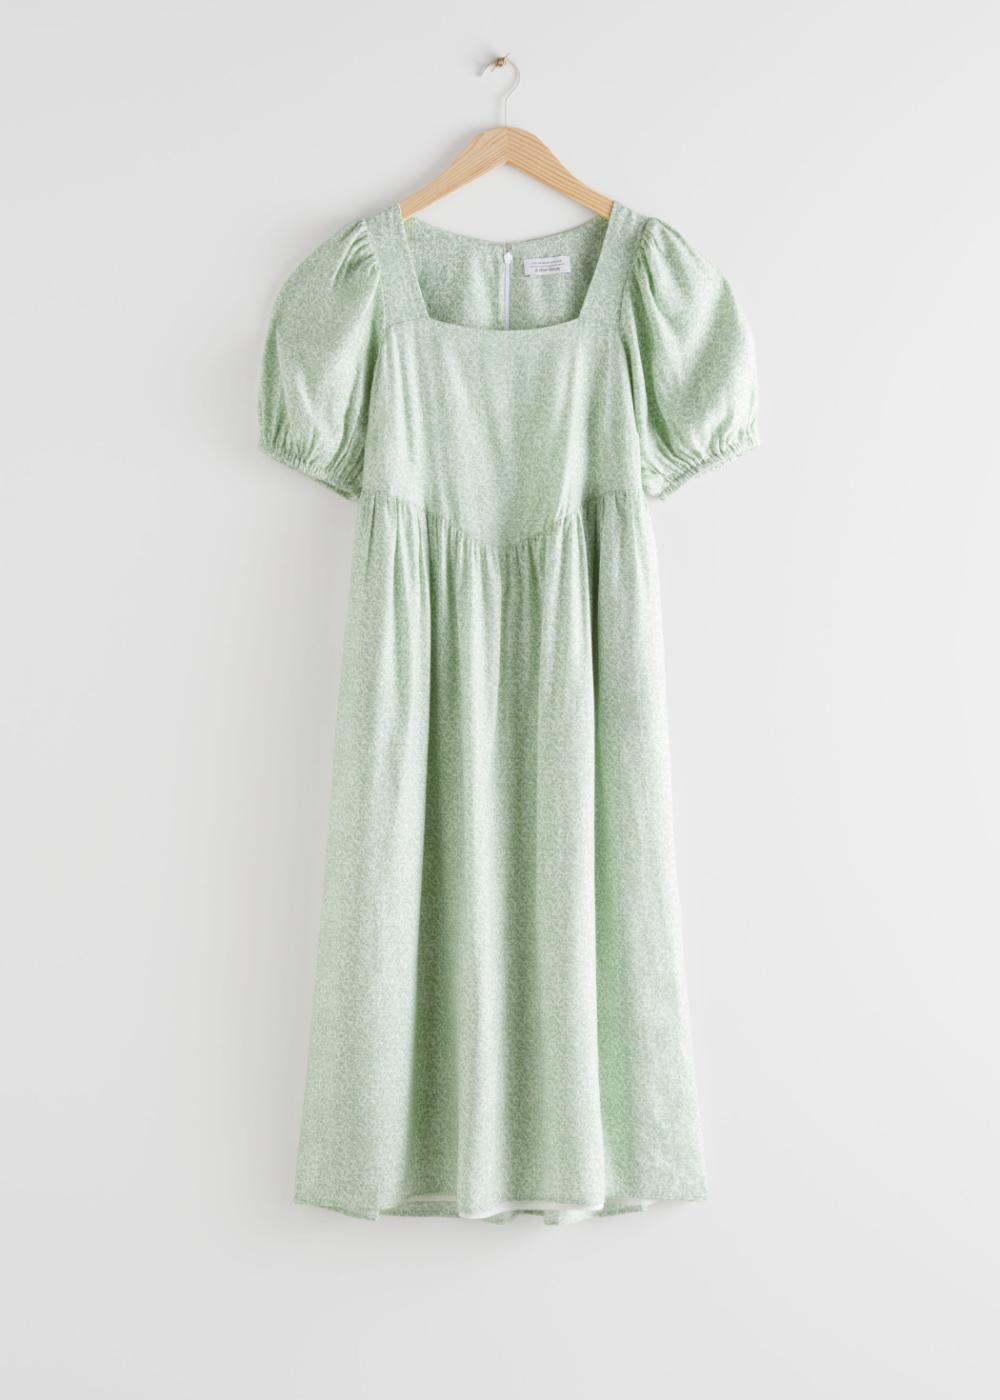 Pdp Puff Sleeve Midi Dresses Fashion Midi Dress [ 1400 x 1000 Pixel ]